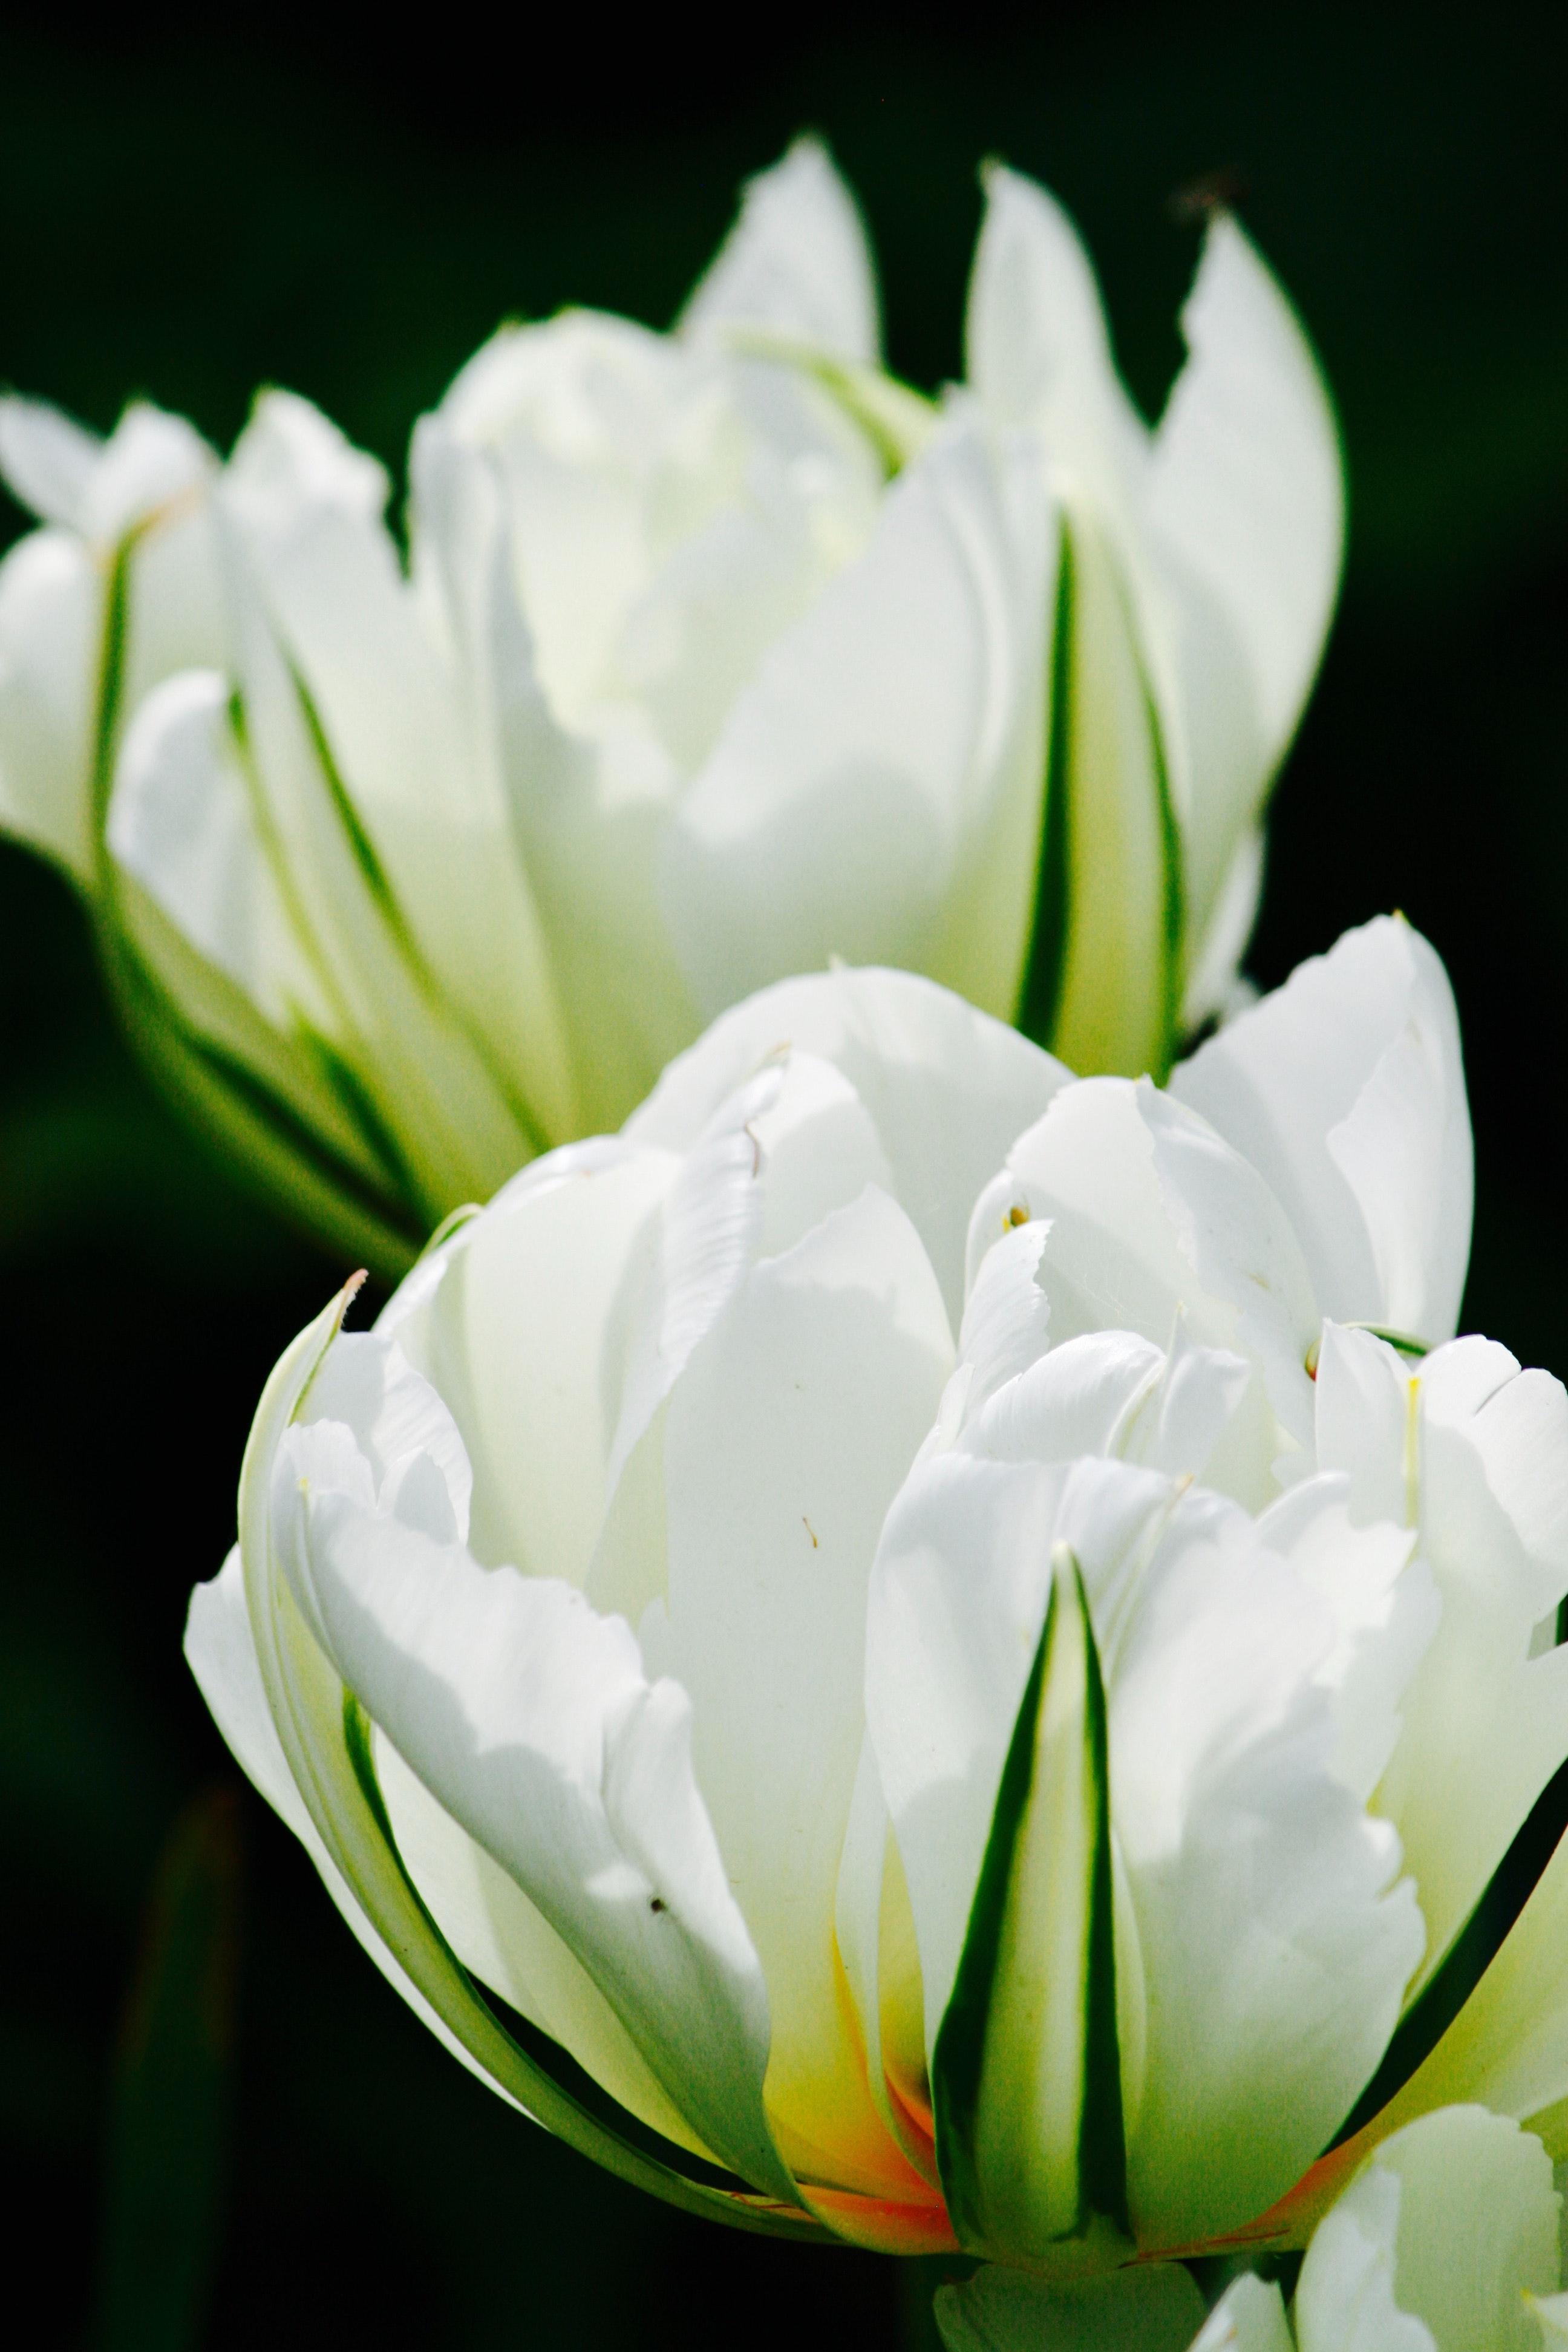 Foto Stok Gratis Tentang Bunga Tulip Putih Tulip